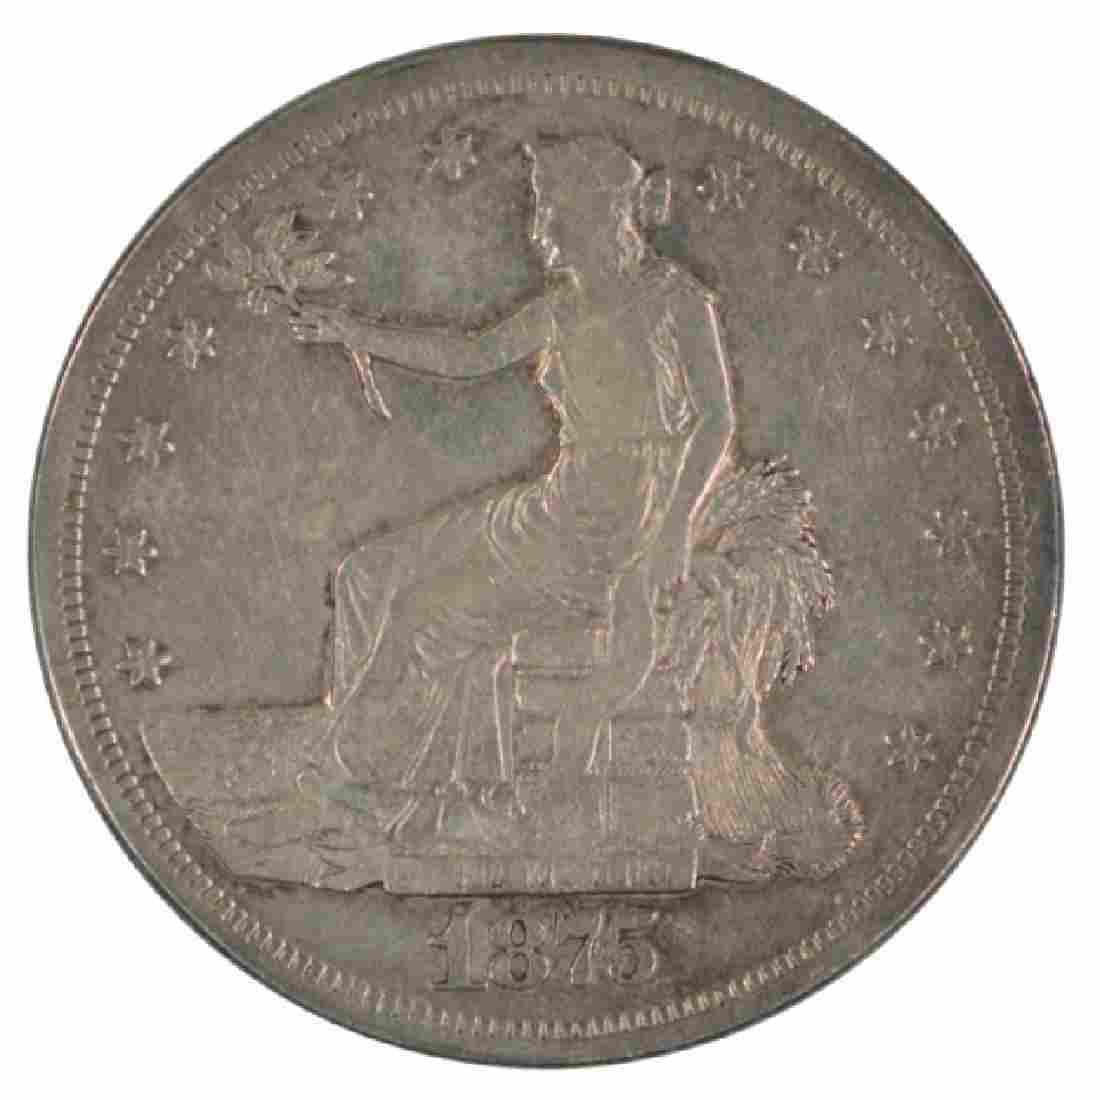 1875-S Trade Dollar Coin